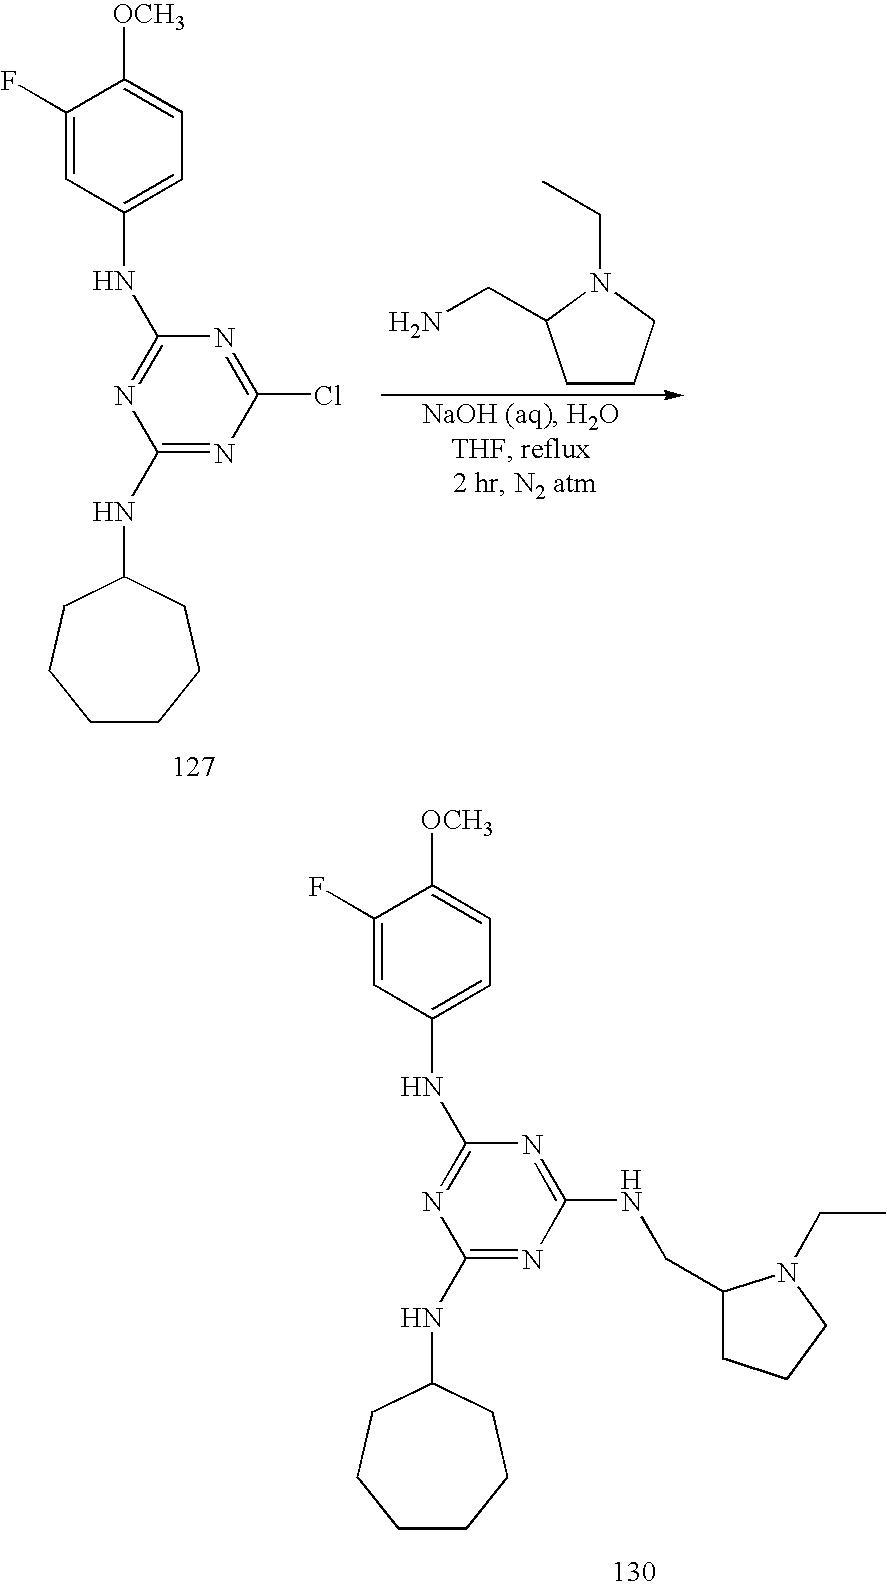 Figure US20050113341A1-20050526-C00157